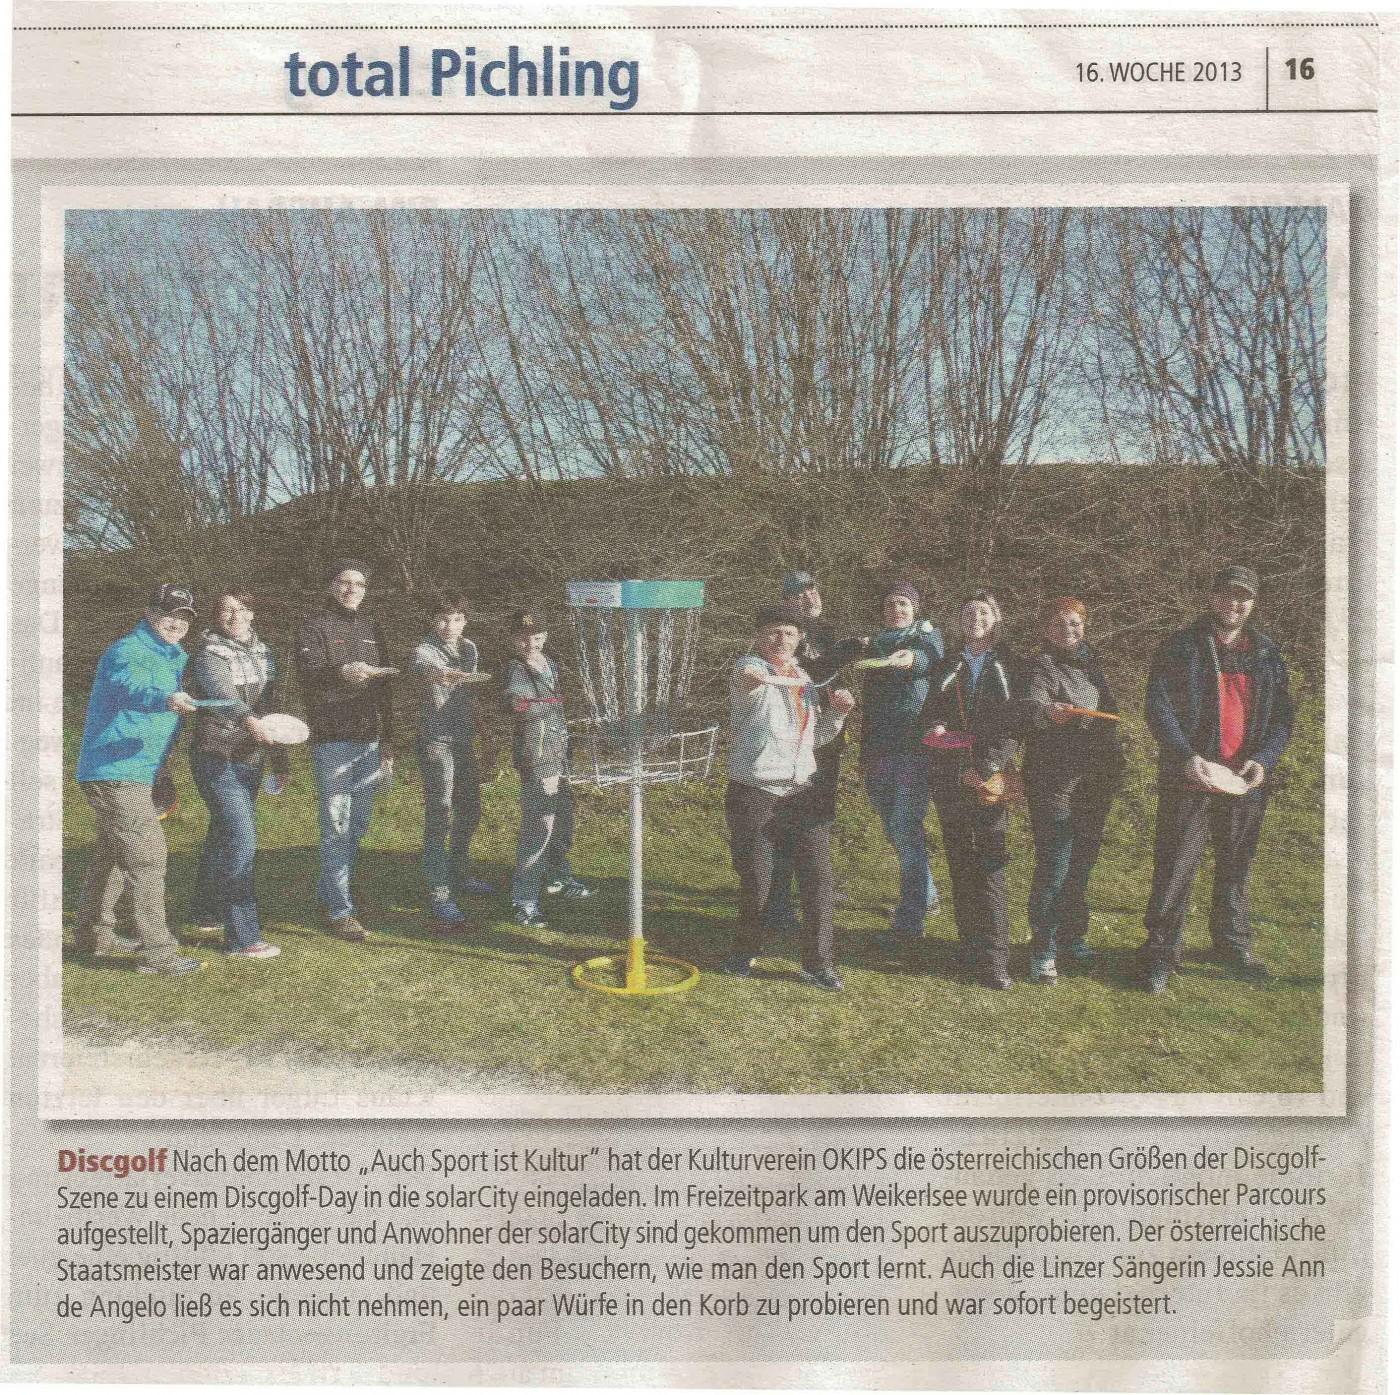 KUMM Disc-Golf präsentiert sich in der solarCity / Linz